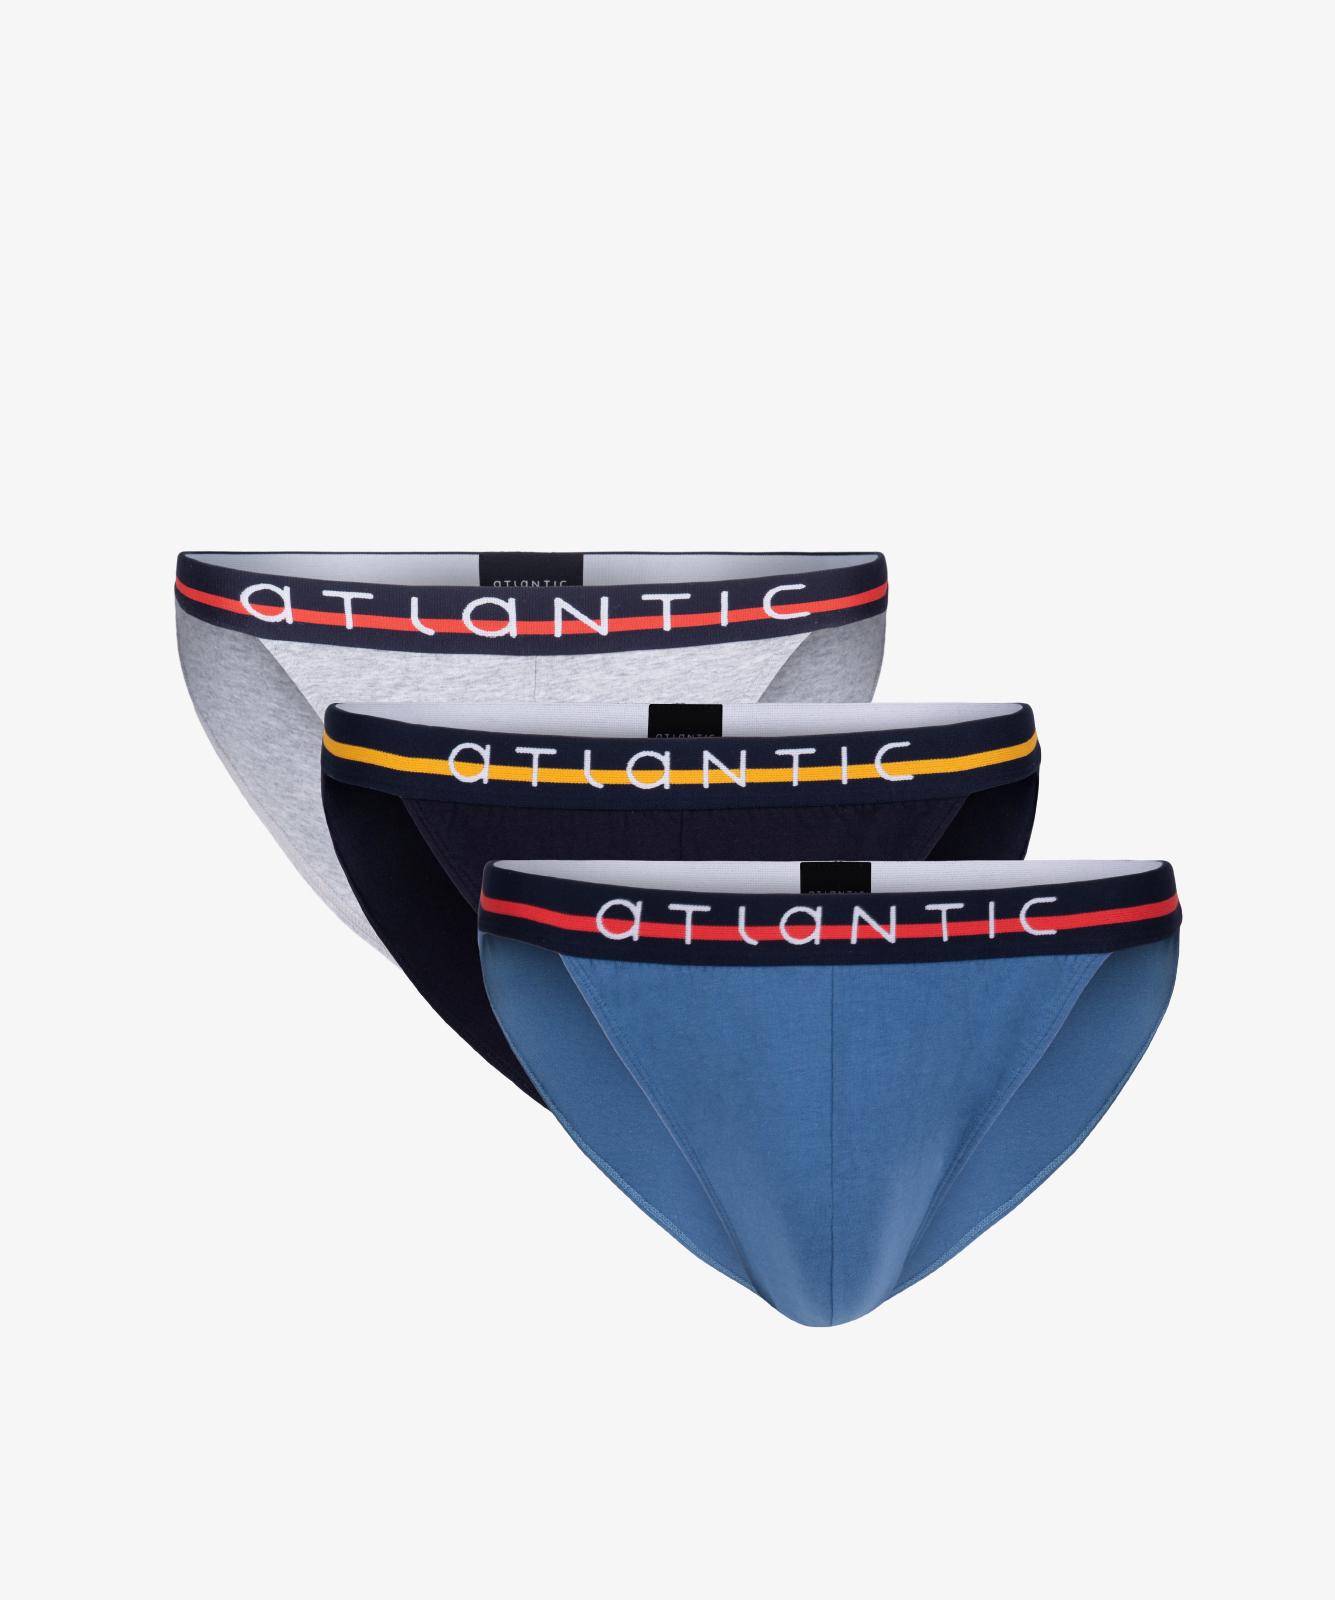 Мужские трусы слипы танга Atlantic, набор 3 шт., хлопок, голубой меланж + темно-синие + деним, 3MP-089